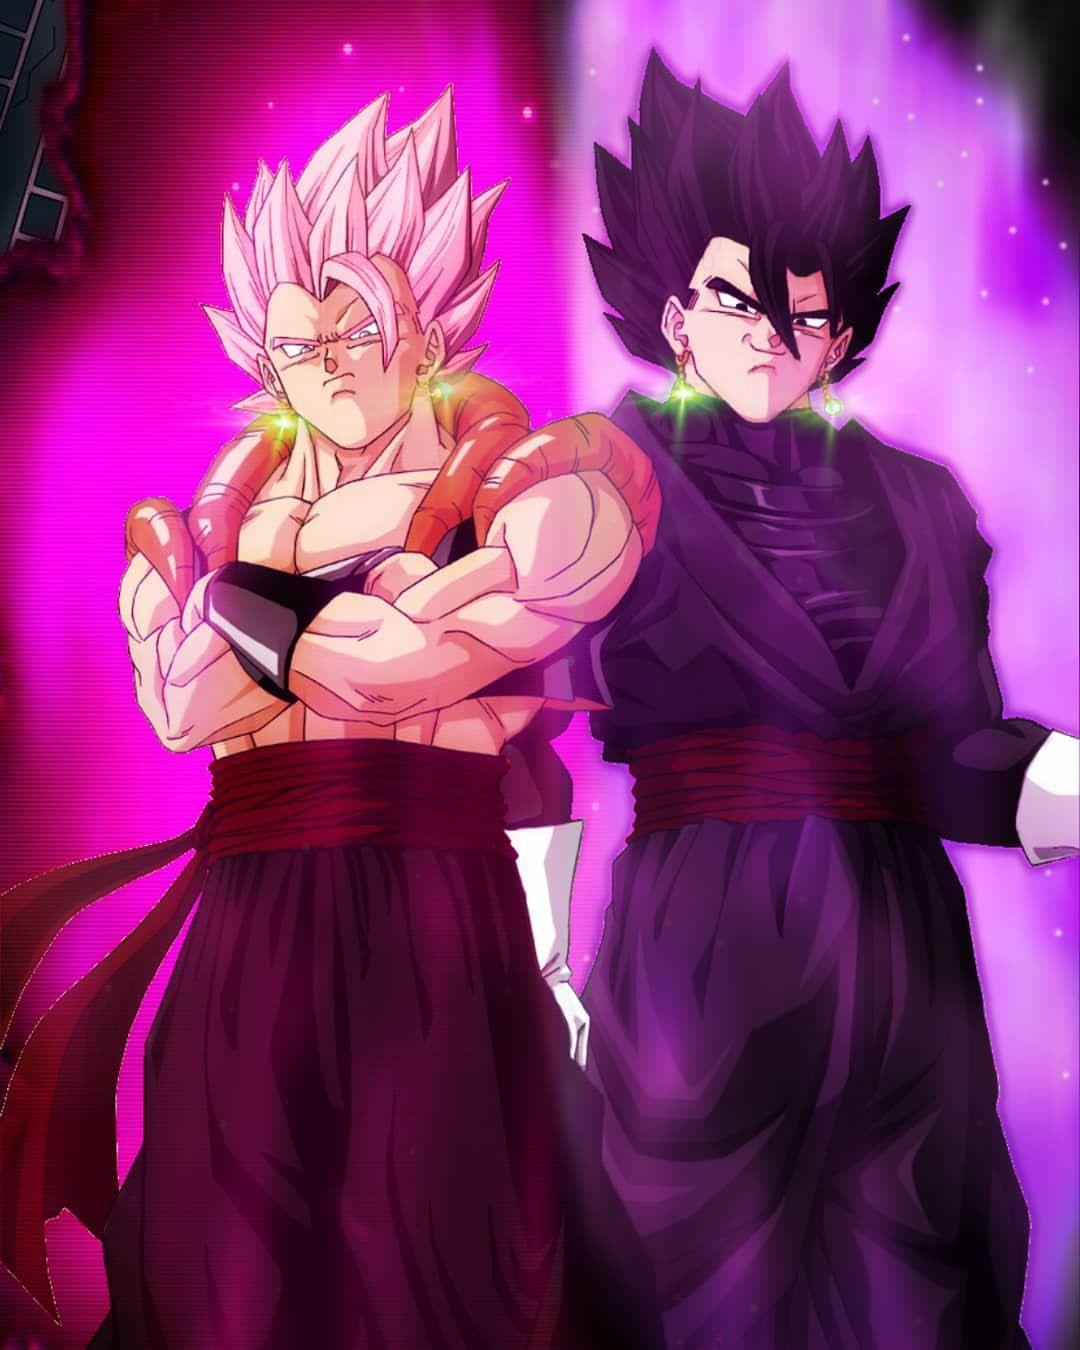 Pin de Adam em DBZ Son goku, Goku